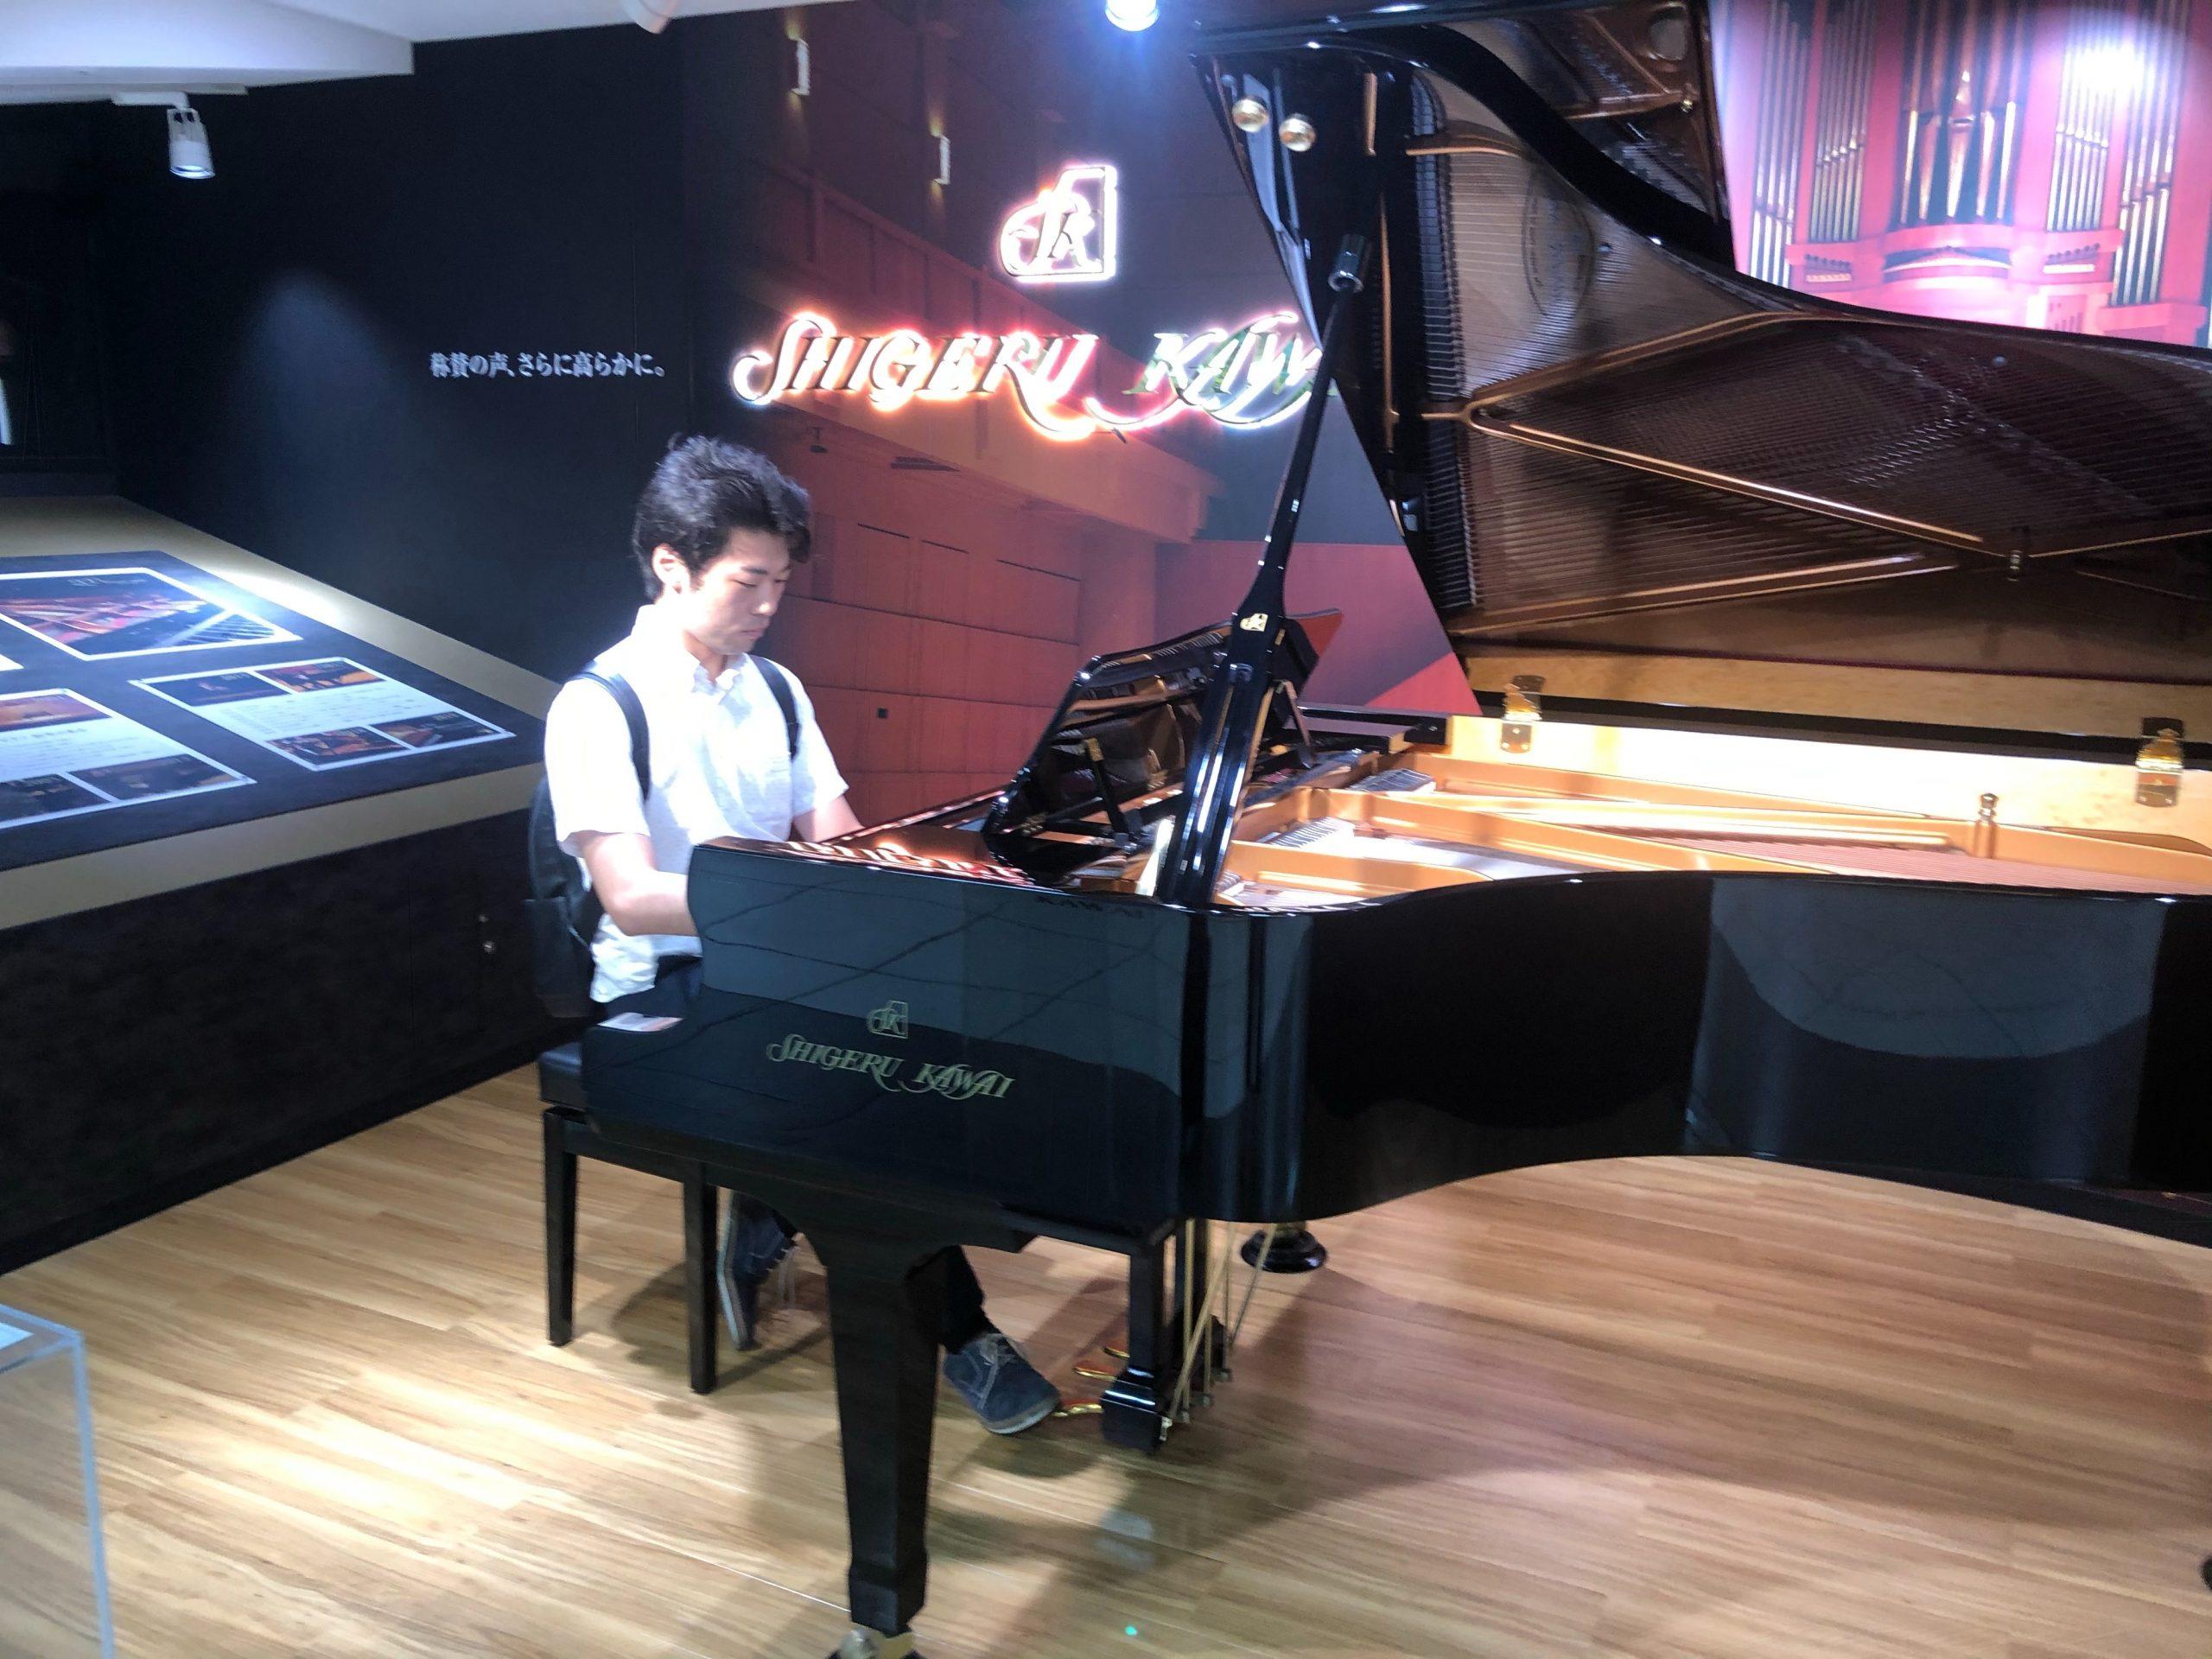 駅ピアノでリュック背負いながら弾きました。@浜松駅